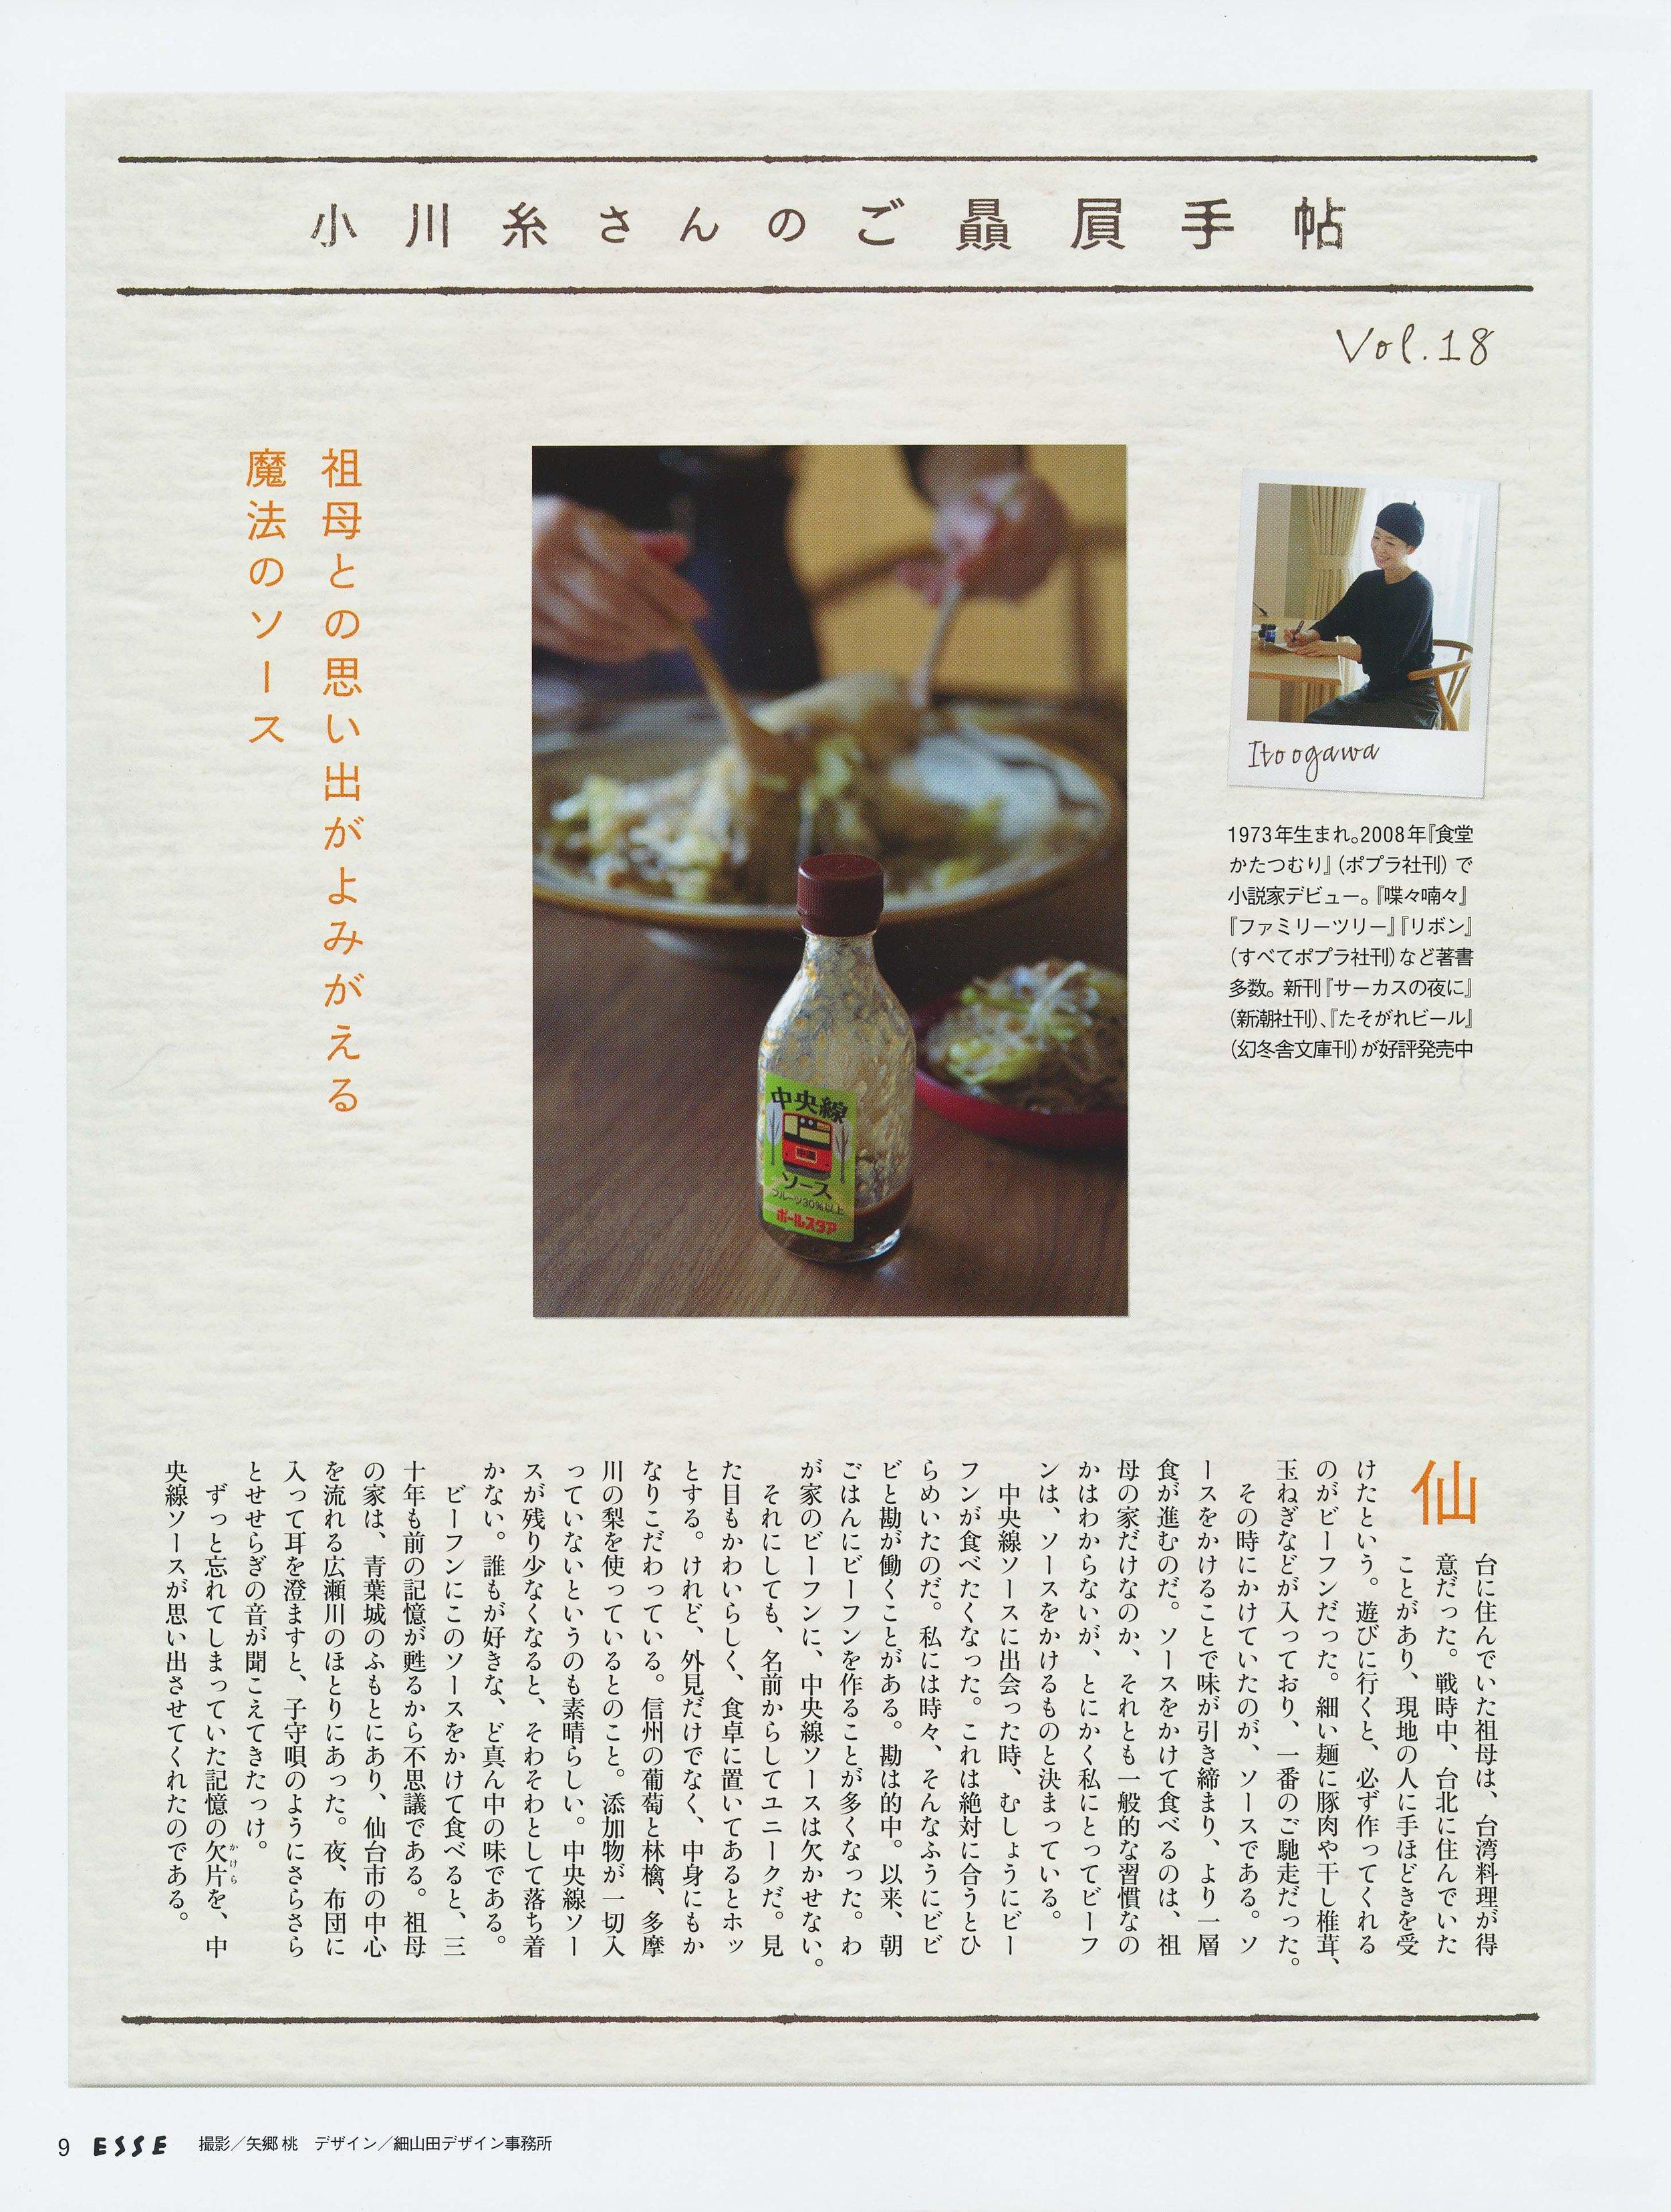 小川糸さん連載 vol.18 / 「ESSE」